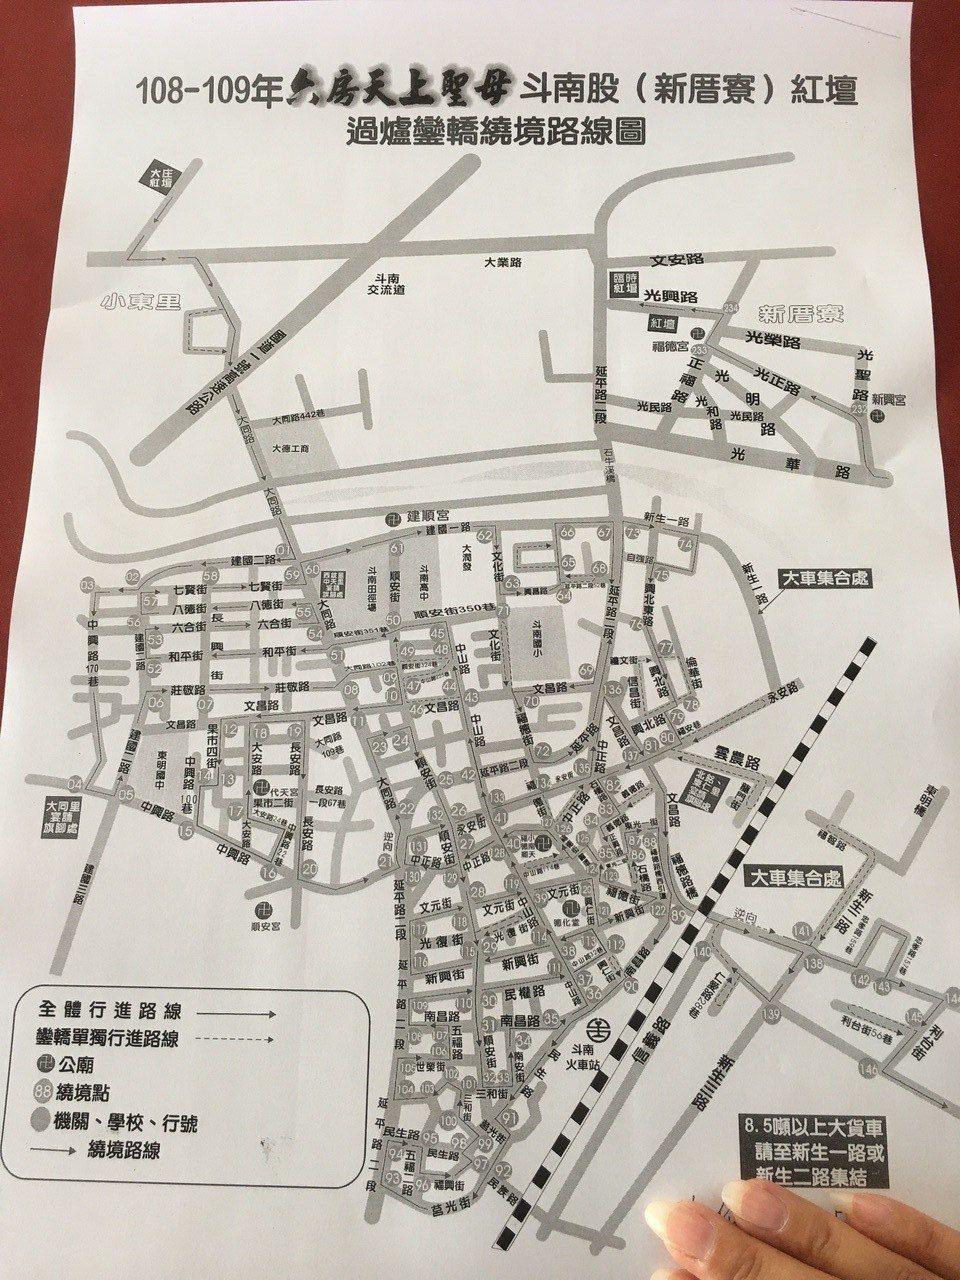 六房媽過爐是雲林縣重要的民俗盛事,今年將由斗南股新厝寮輪值,預計19日早上6時3...